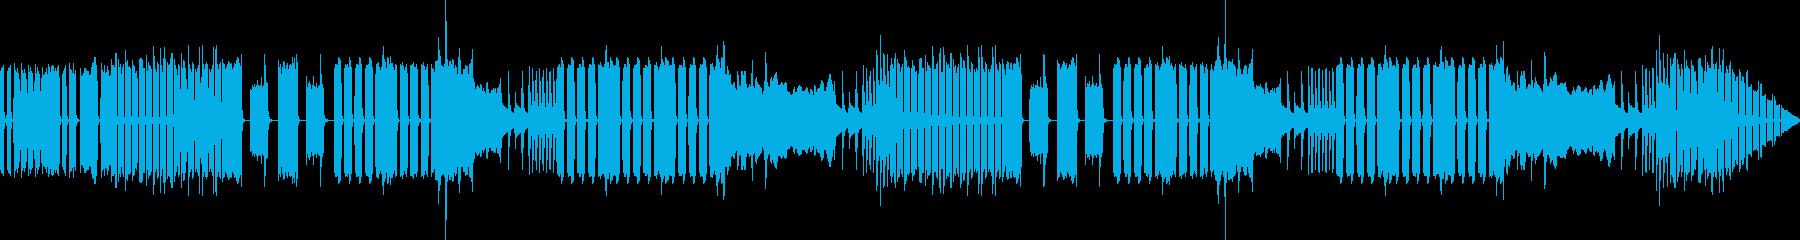 ヘンテコでおかしな雰囲気のBGMの再生済みの波形